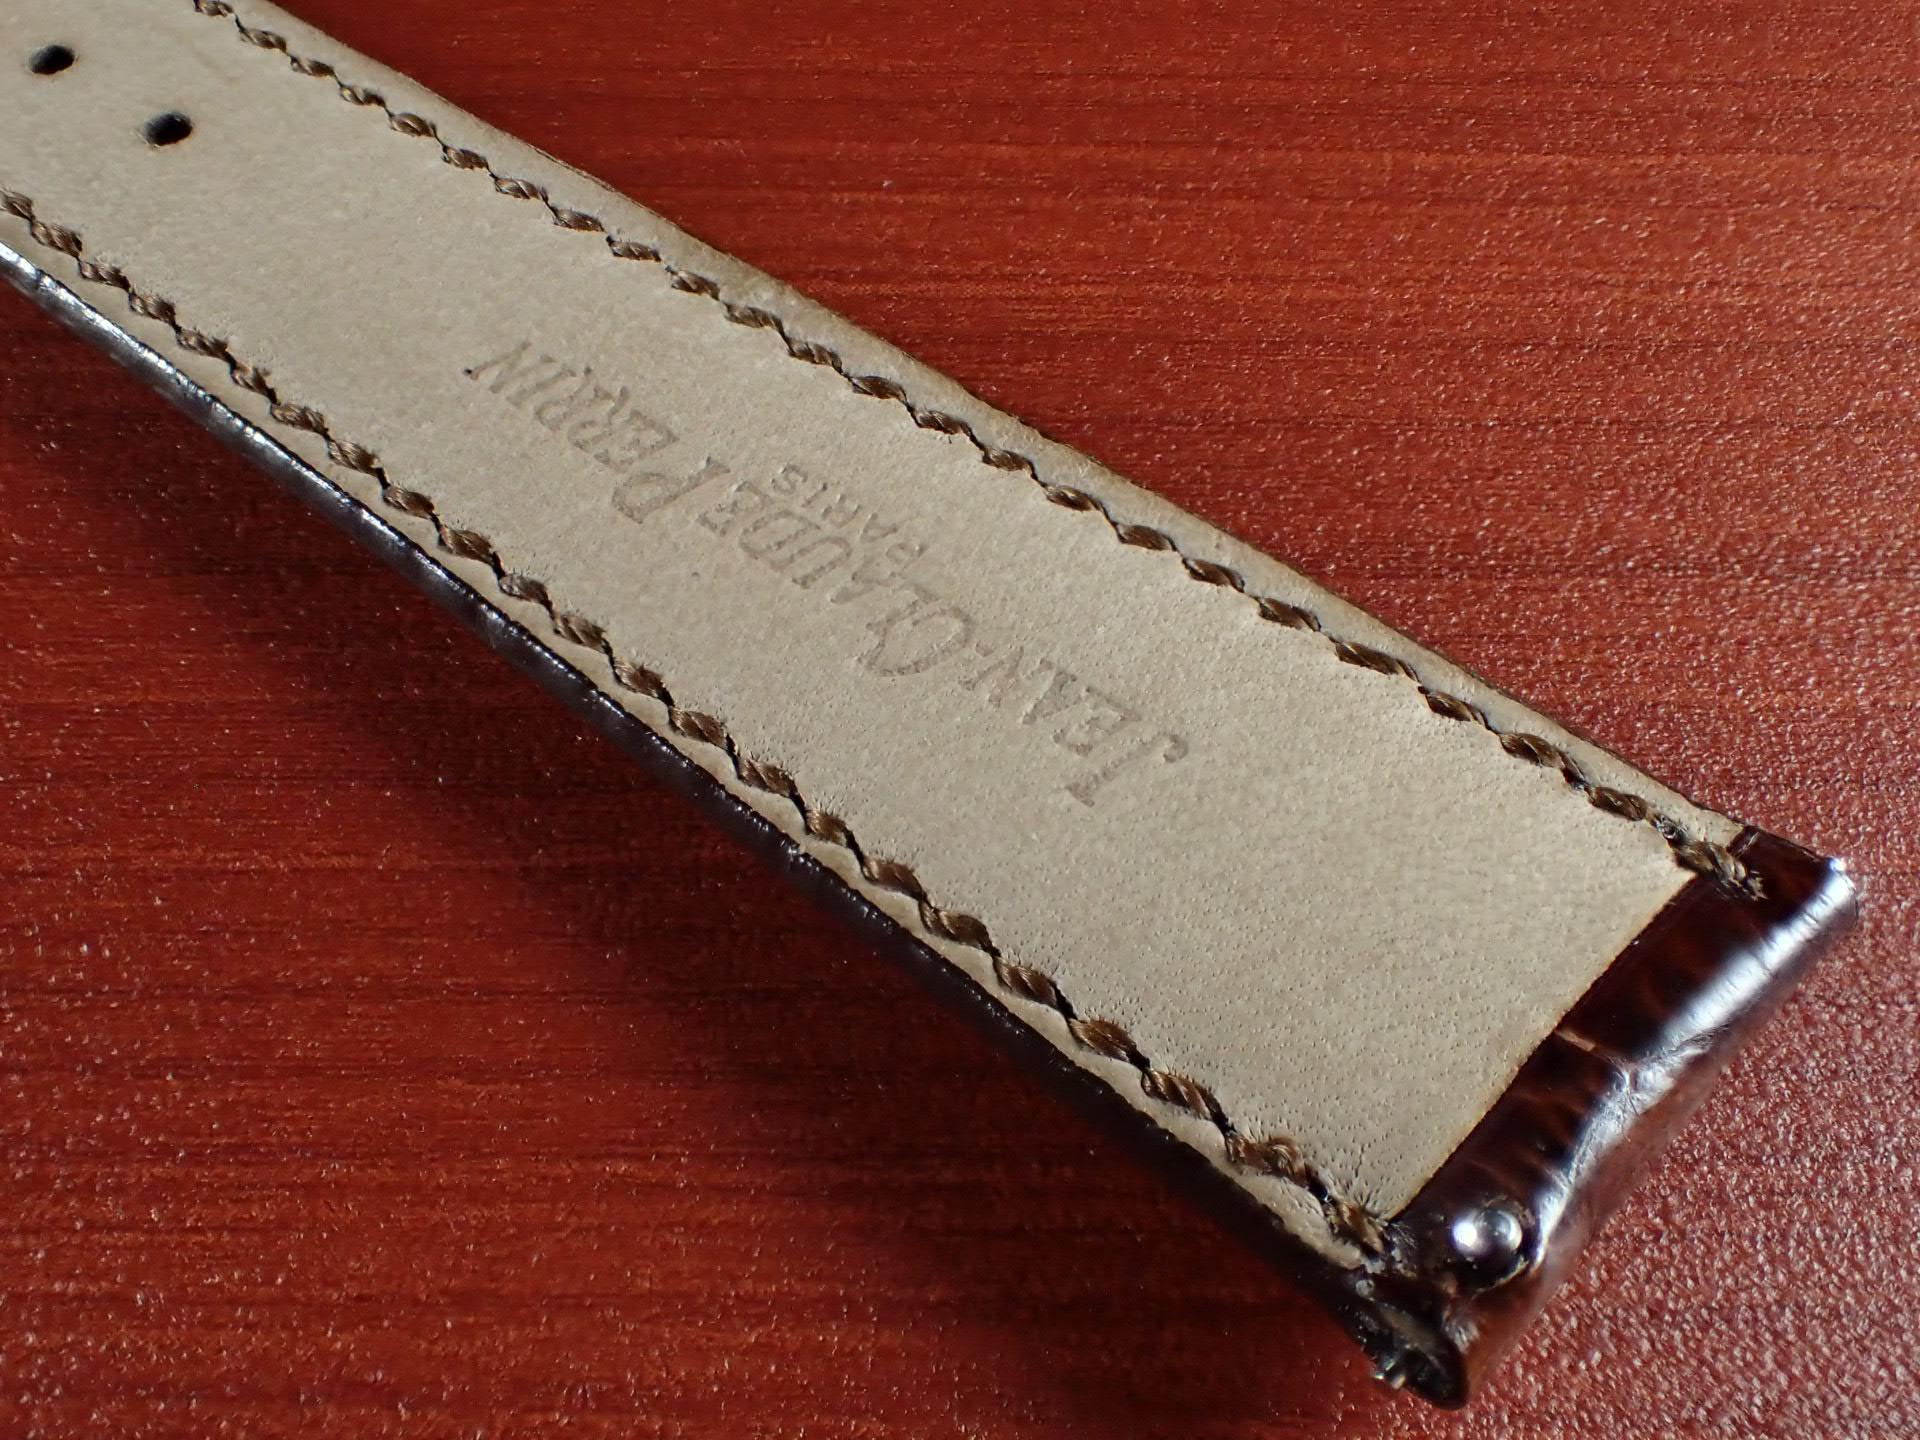 ジャン・クロード ペラン革ベルト(オールドペラン)クロコダイル ダークブラウン 17mm 手縫いの写真6枚目